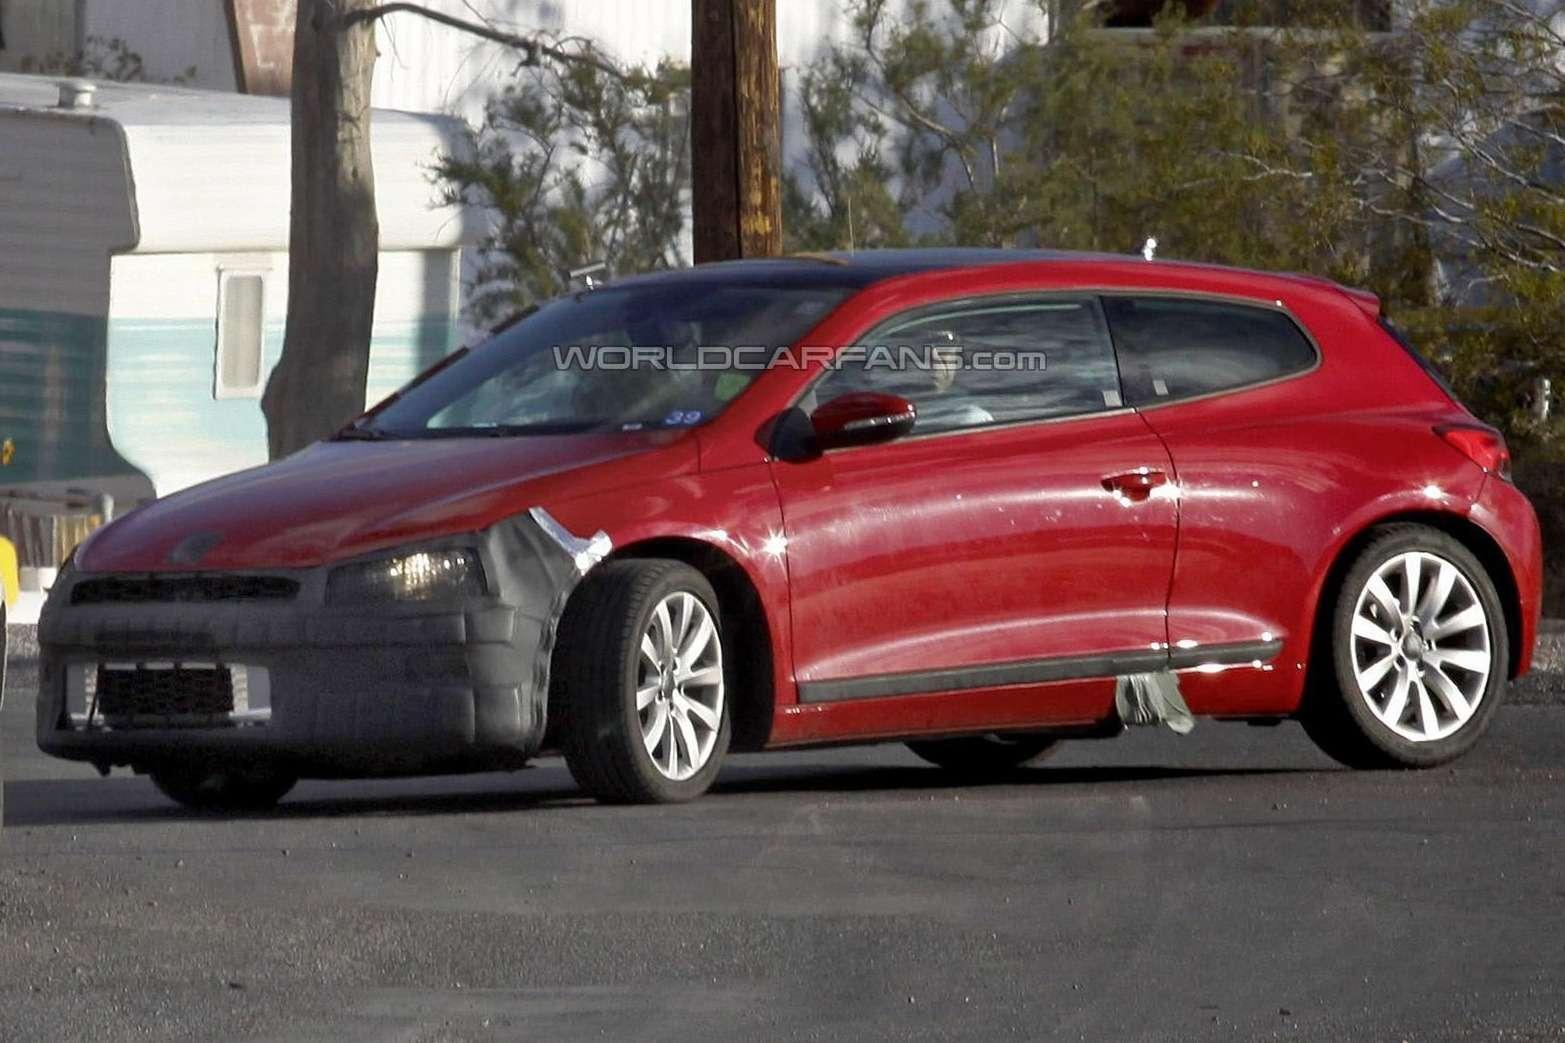 Тестовый прототип нового/обновленного трехдверного хэтчбека Volkswagen Scirocco